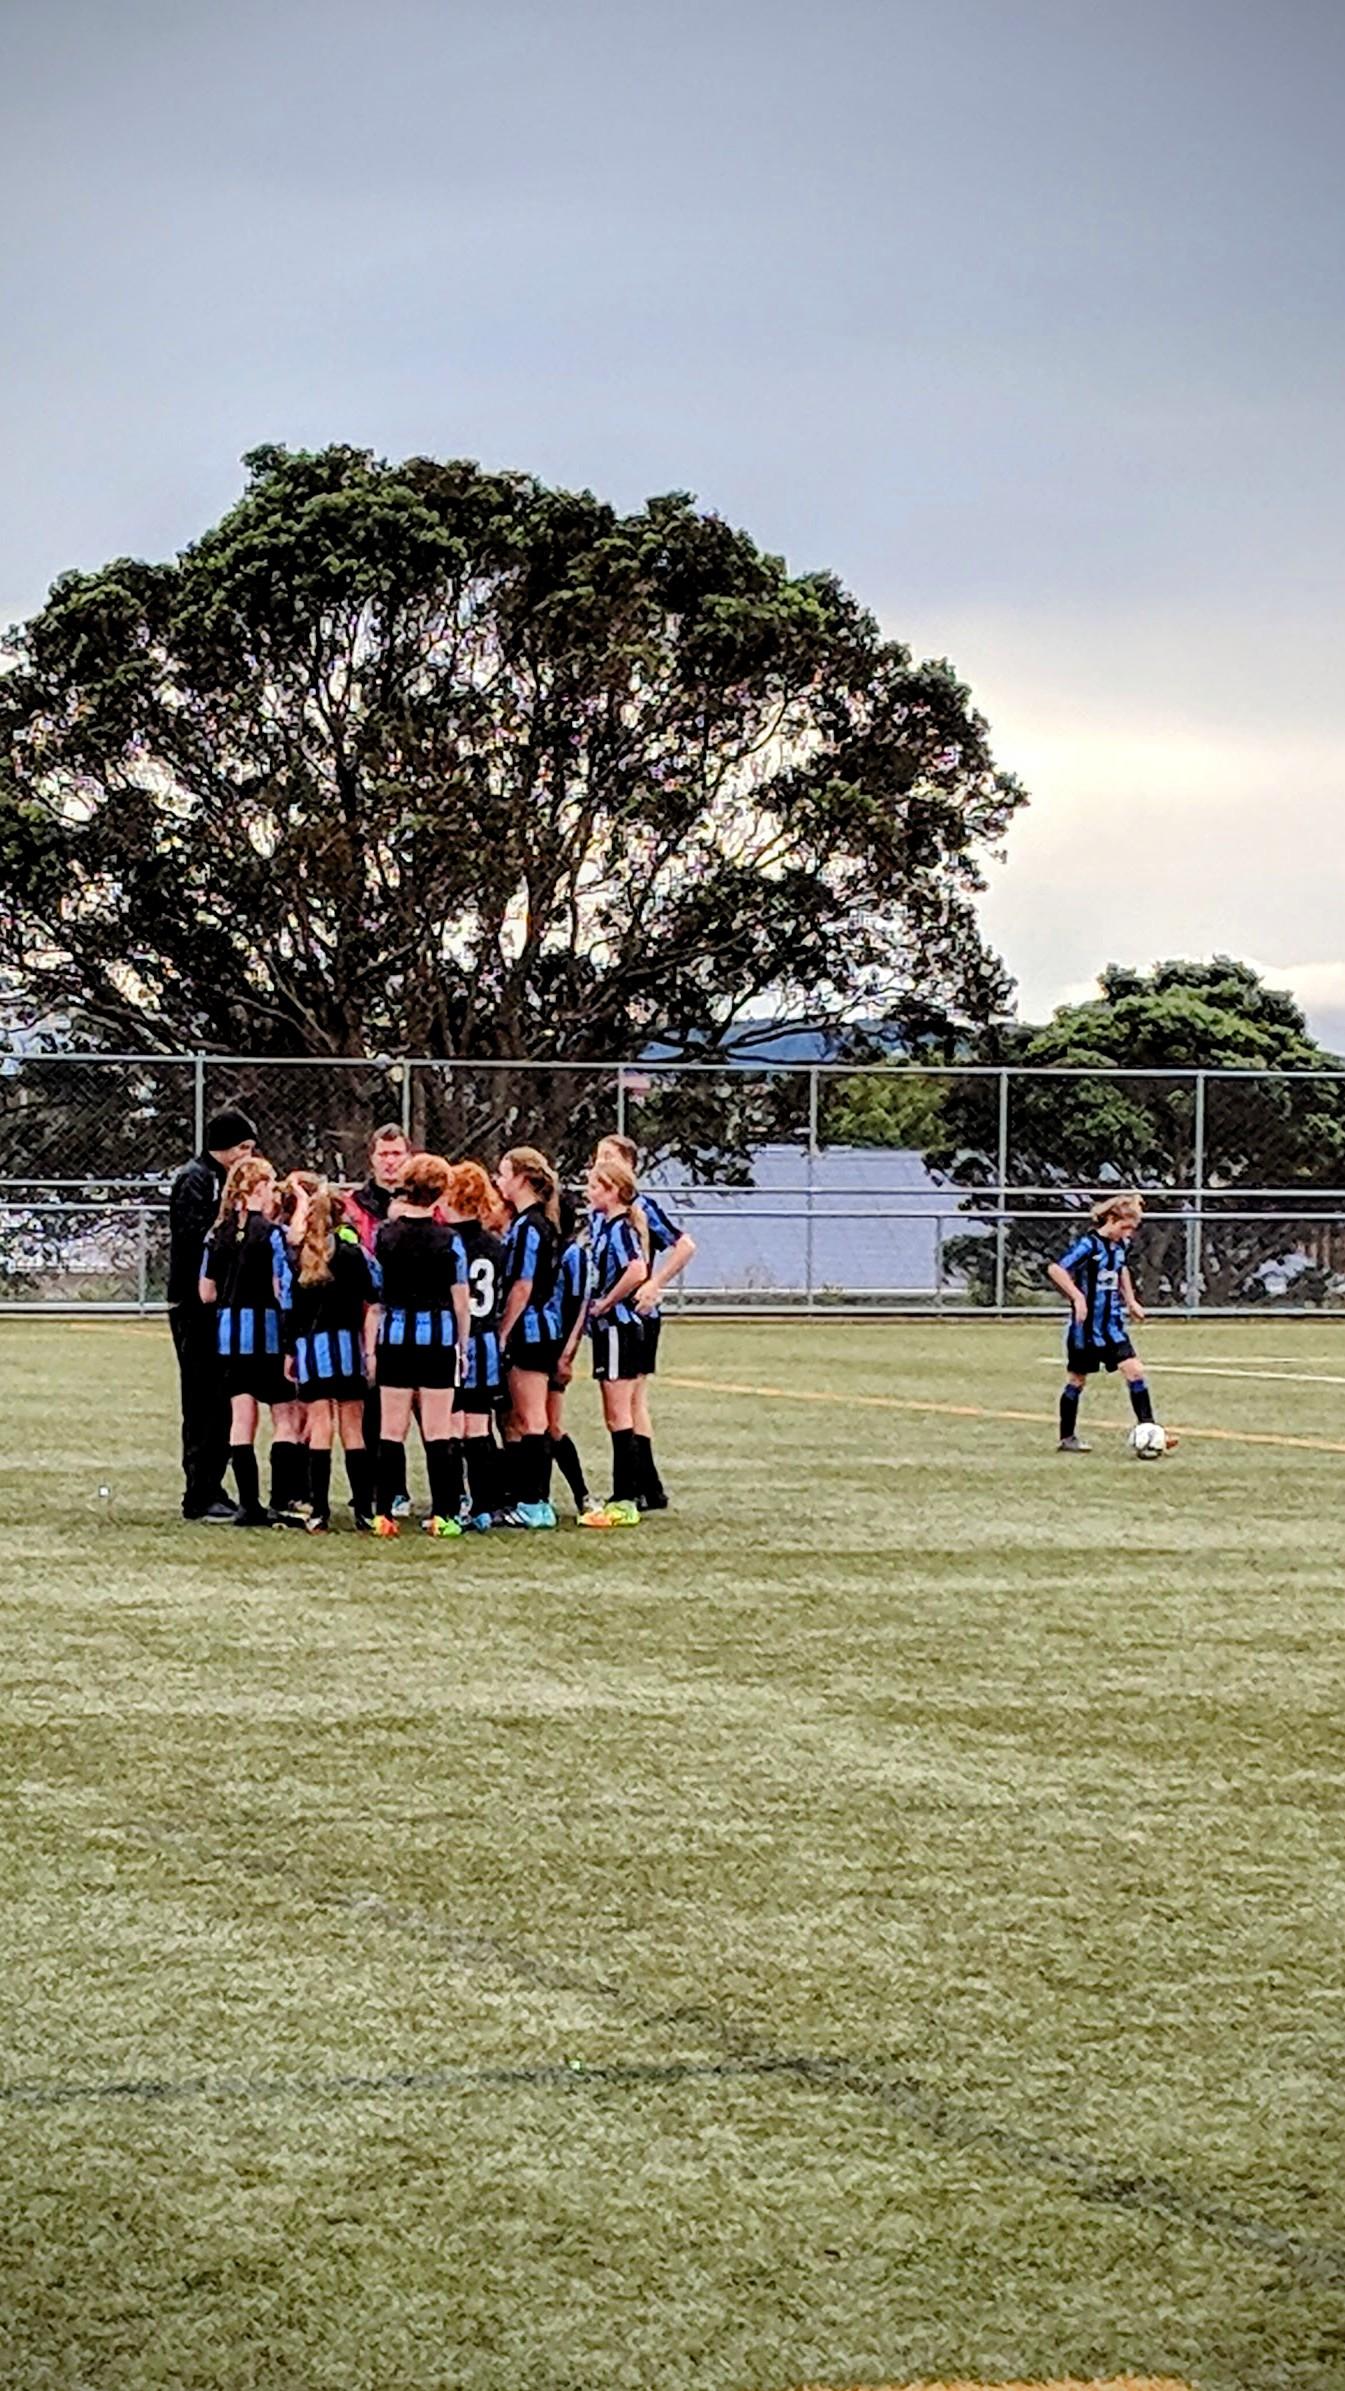 End of soccer game huddle